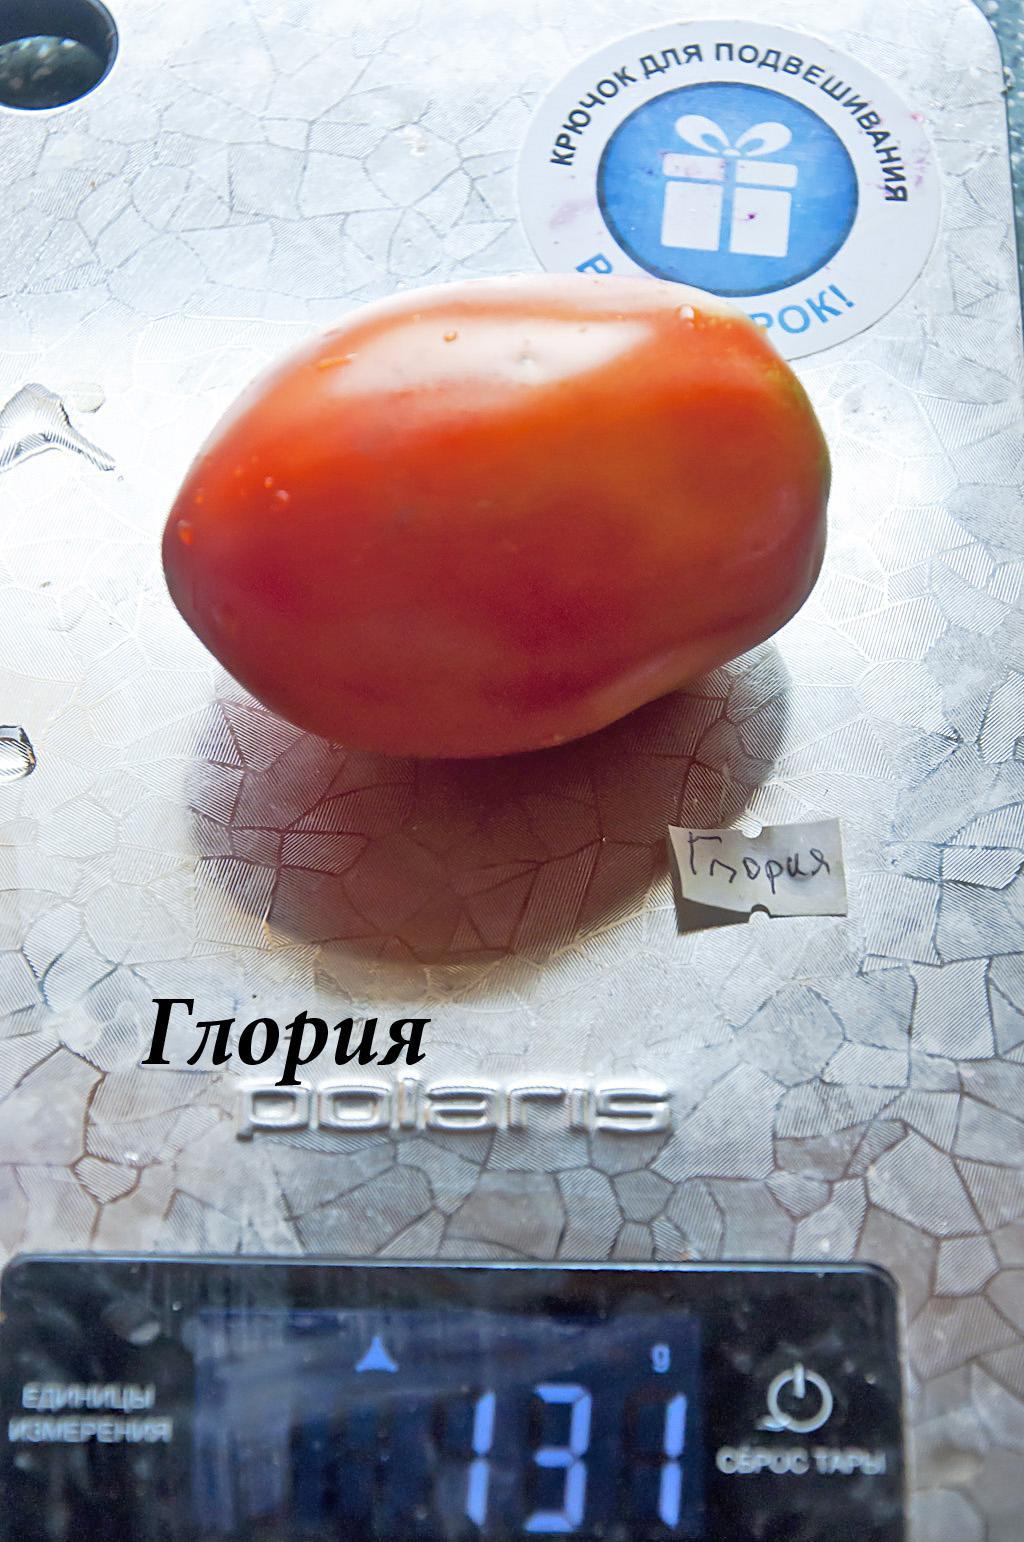 Глория_DSC_9376